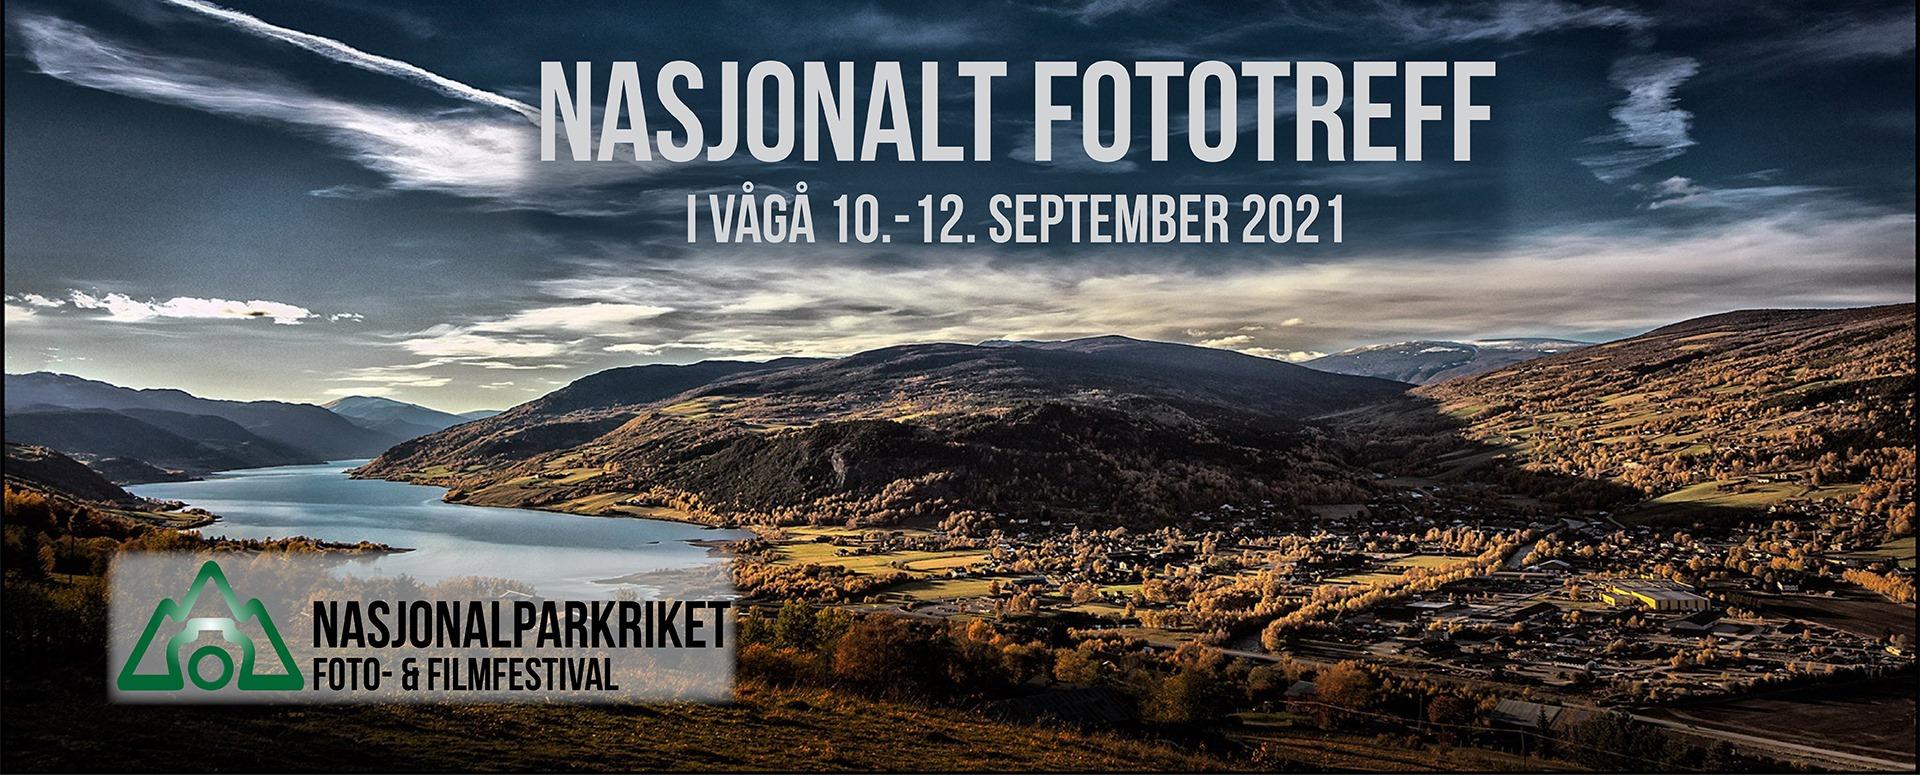 Nasjonalparkriket foto- og filmfestival